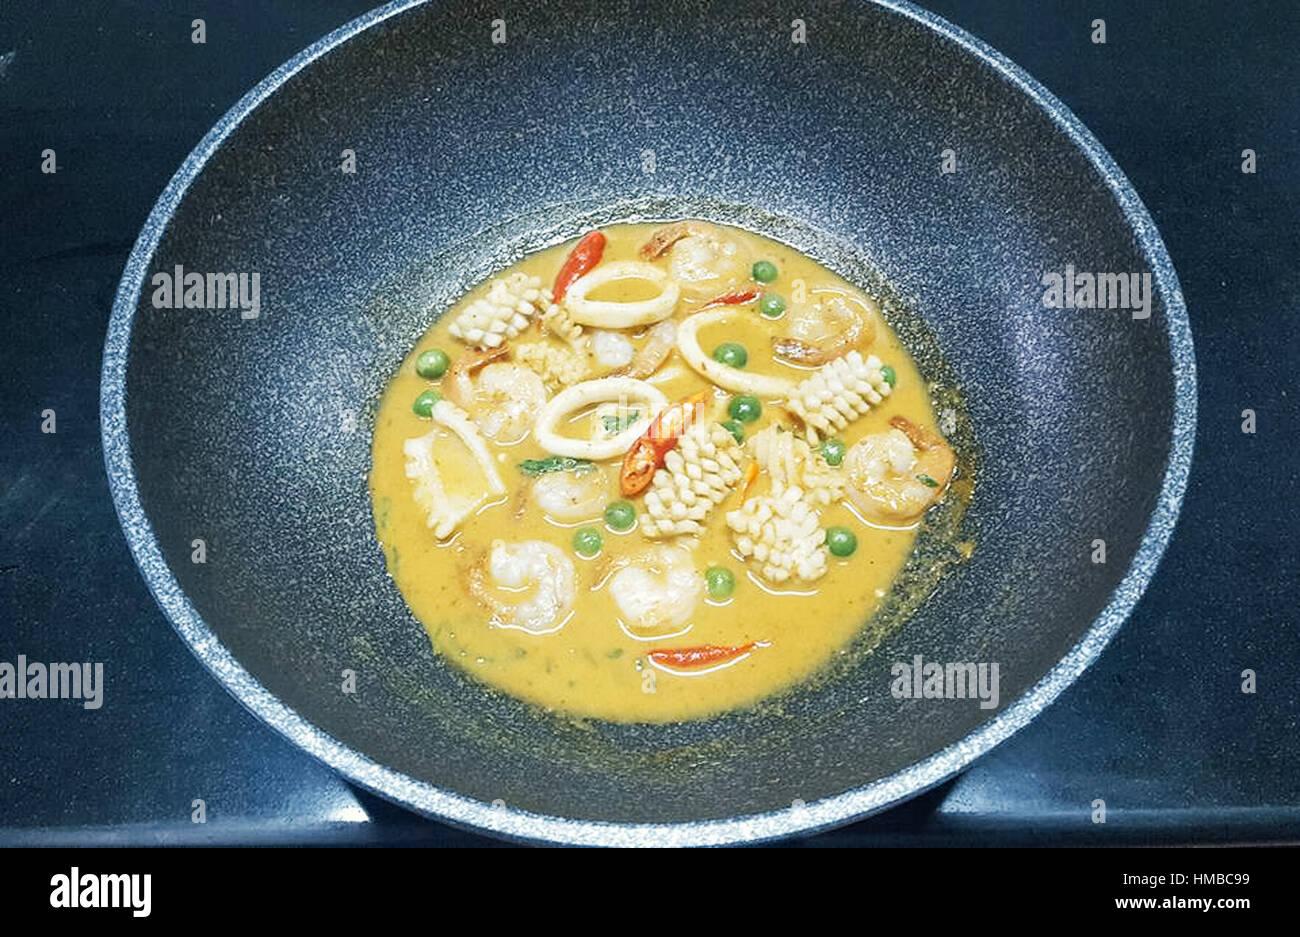 Chicken curry on dark background - Stock Image